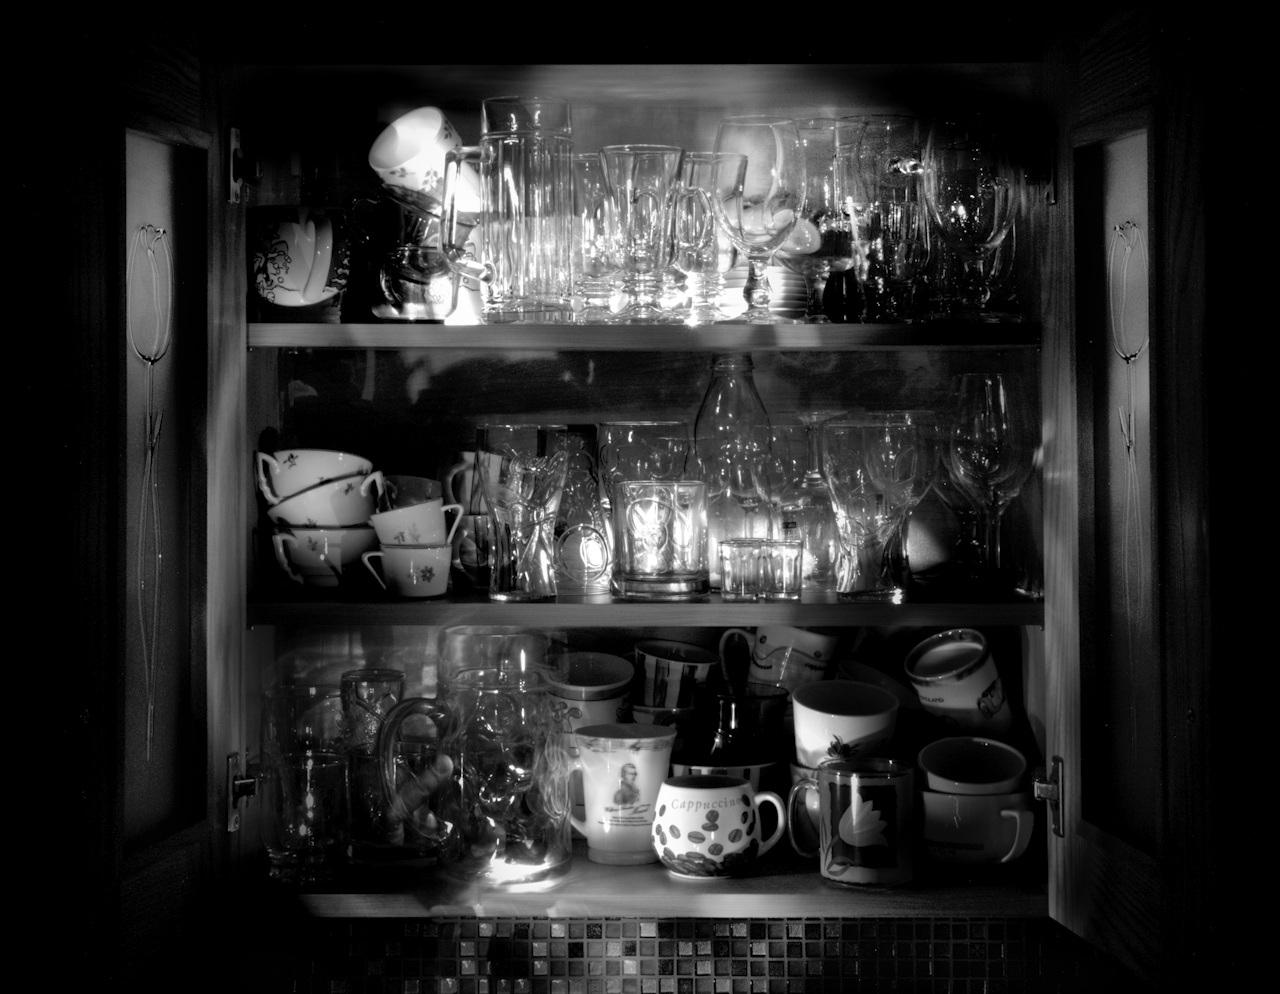 Mélyportré a konyhaszekrényről